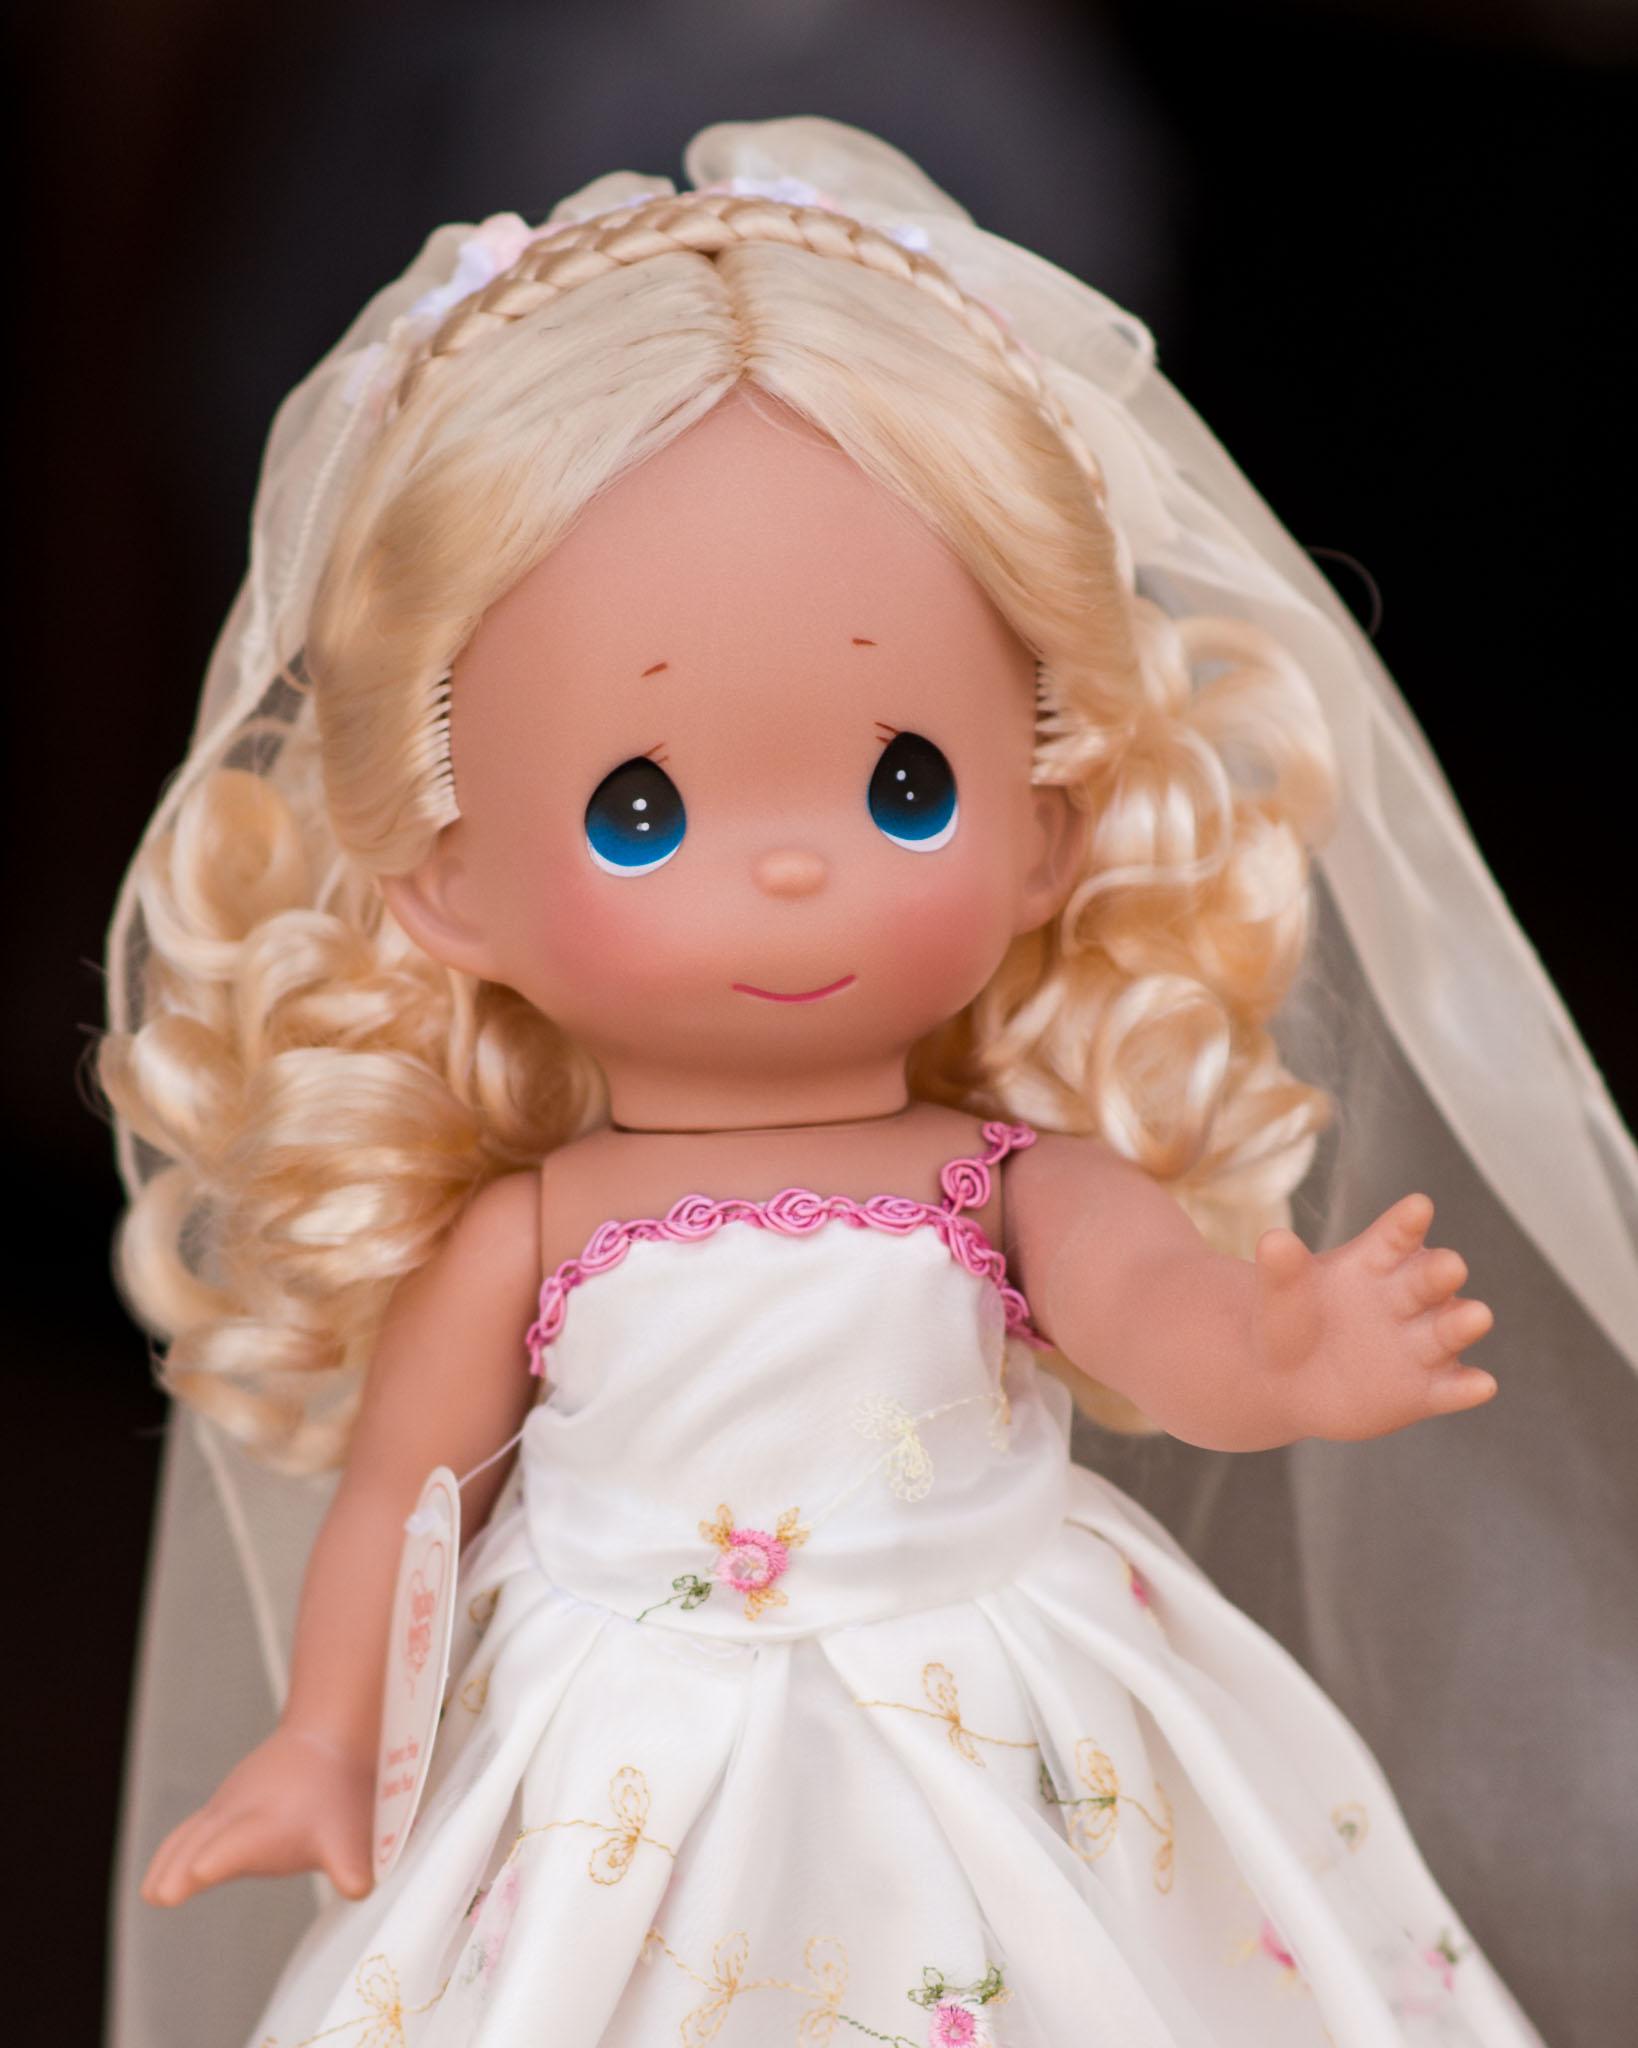 Precious Moments Disney Doll Collection - Cinderella Bridal Dress Closeup - Epcot Flower & Garden Festival 2016